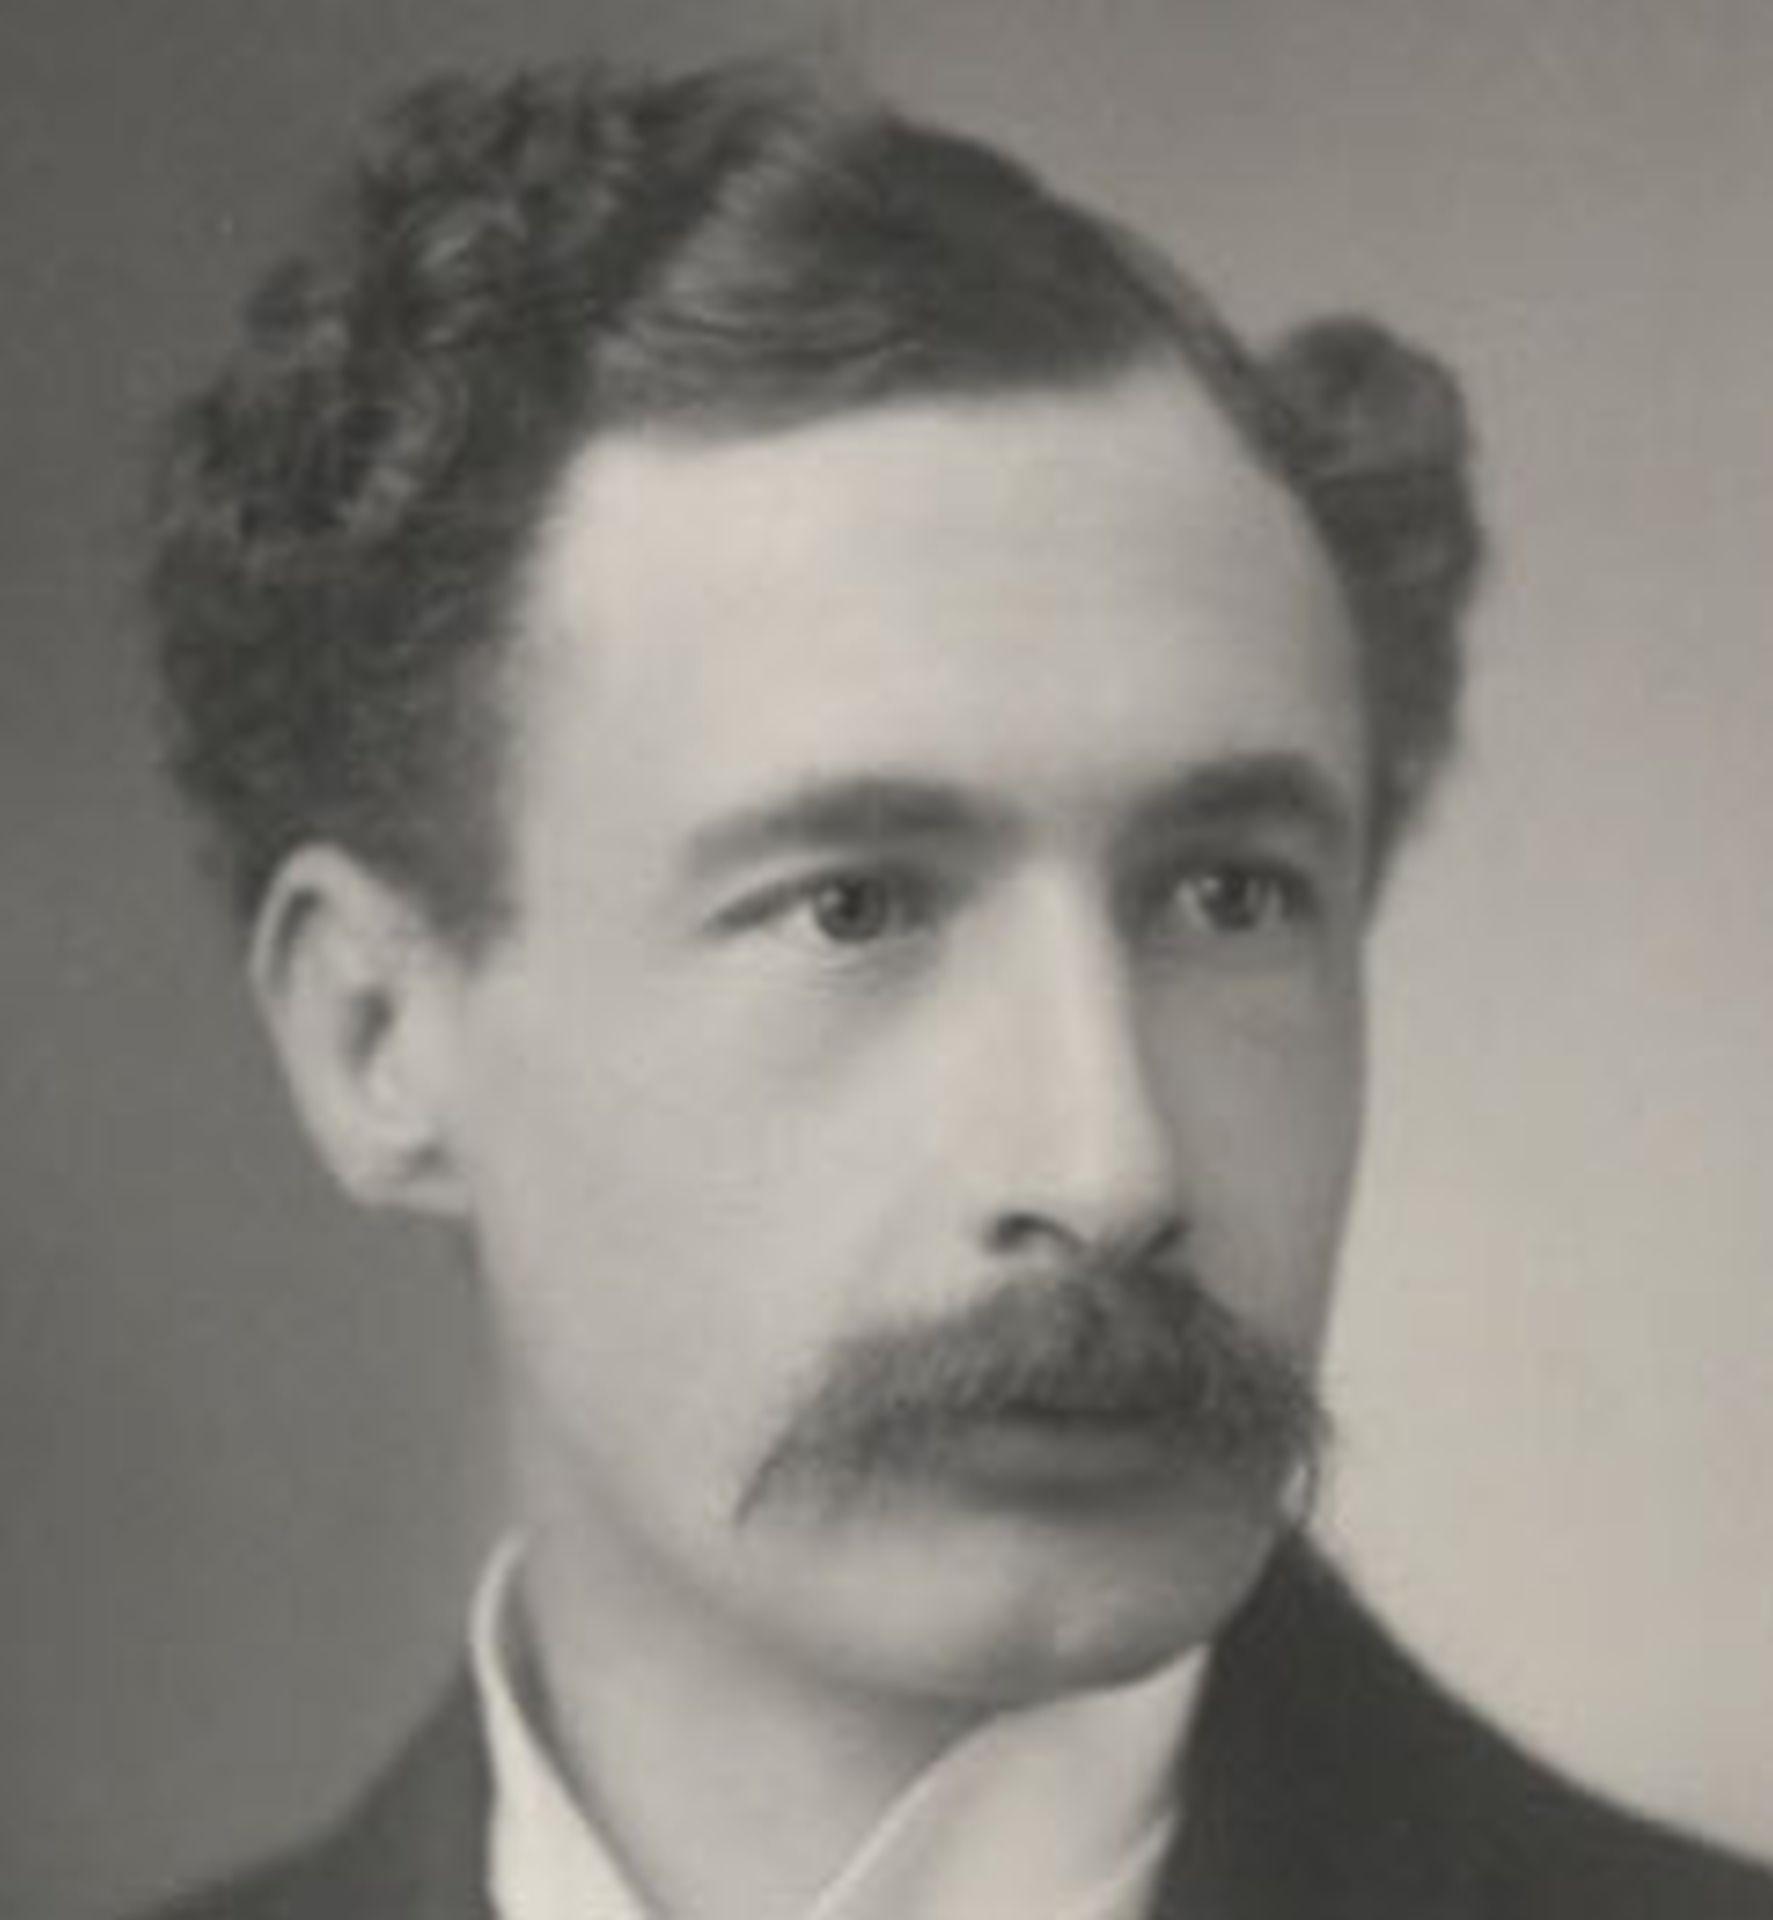 Reginald Koettlitz